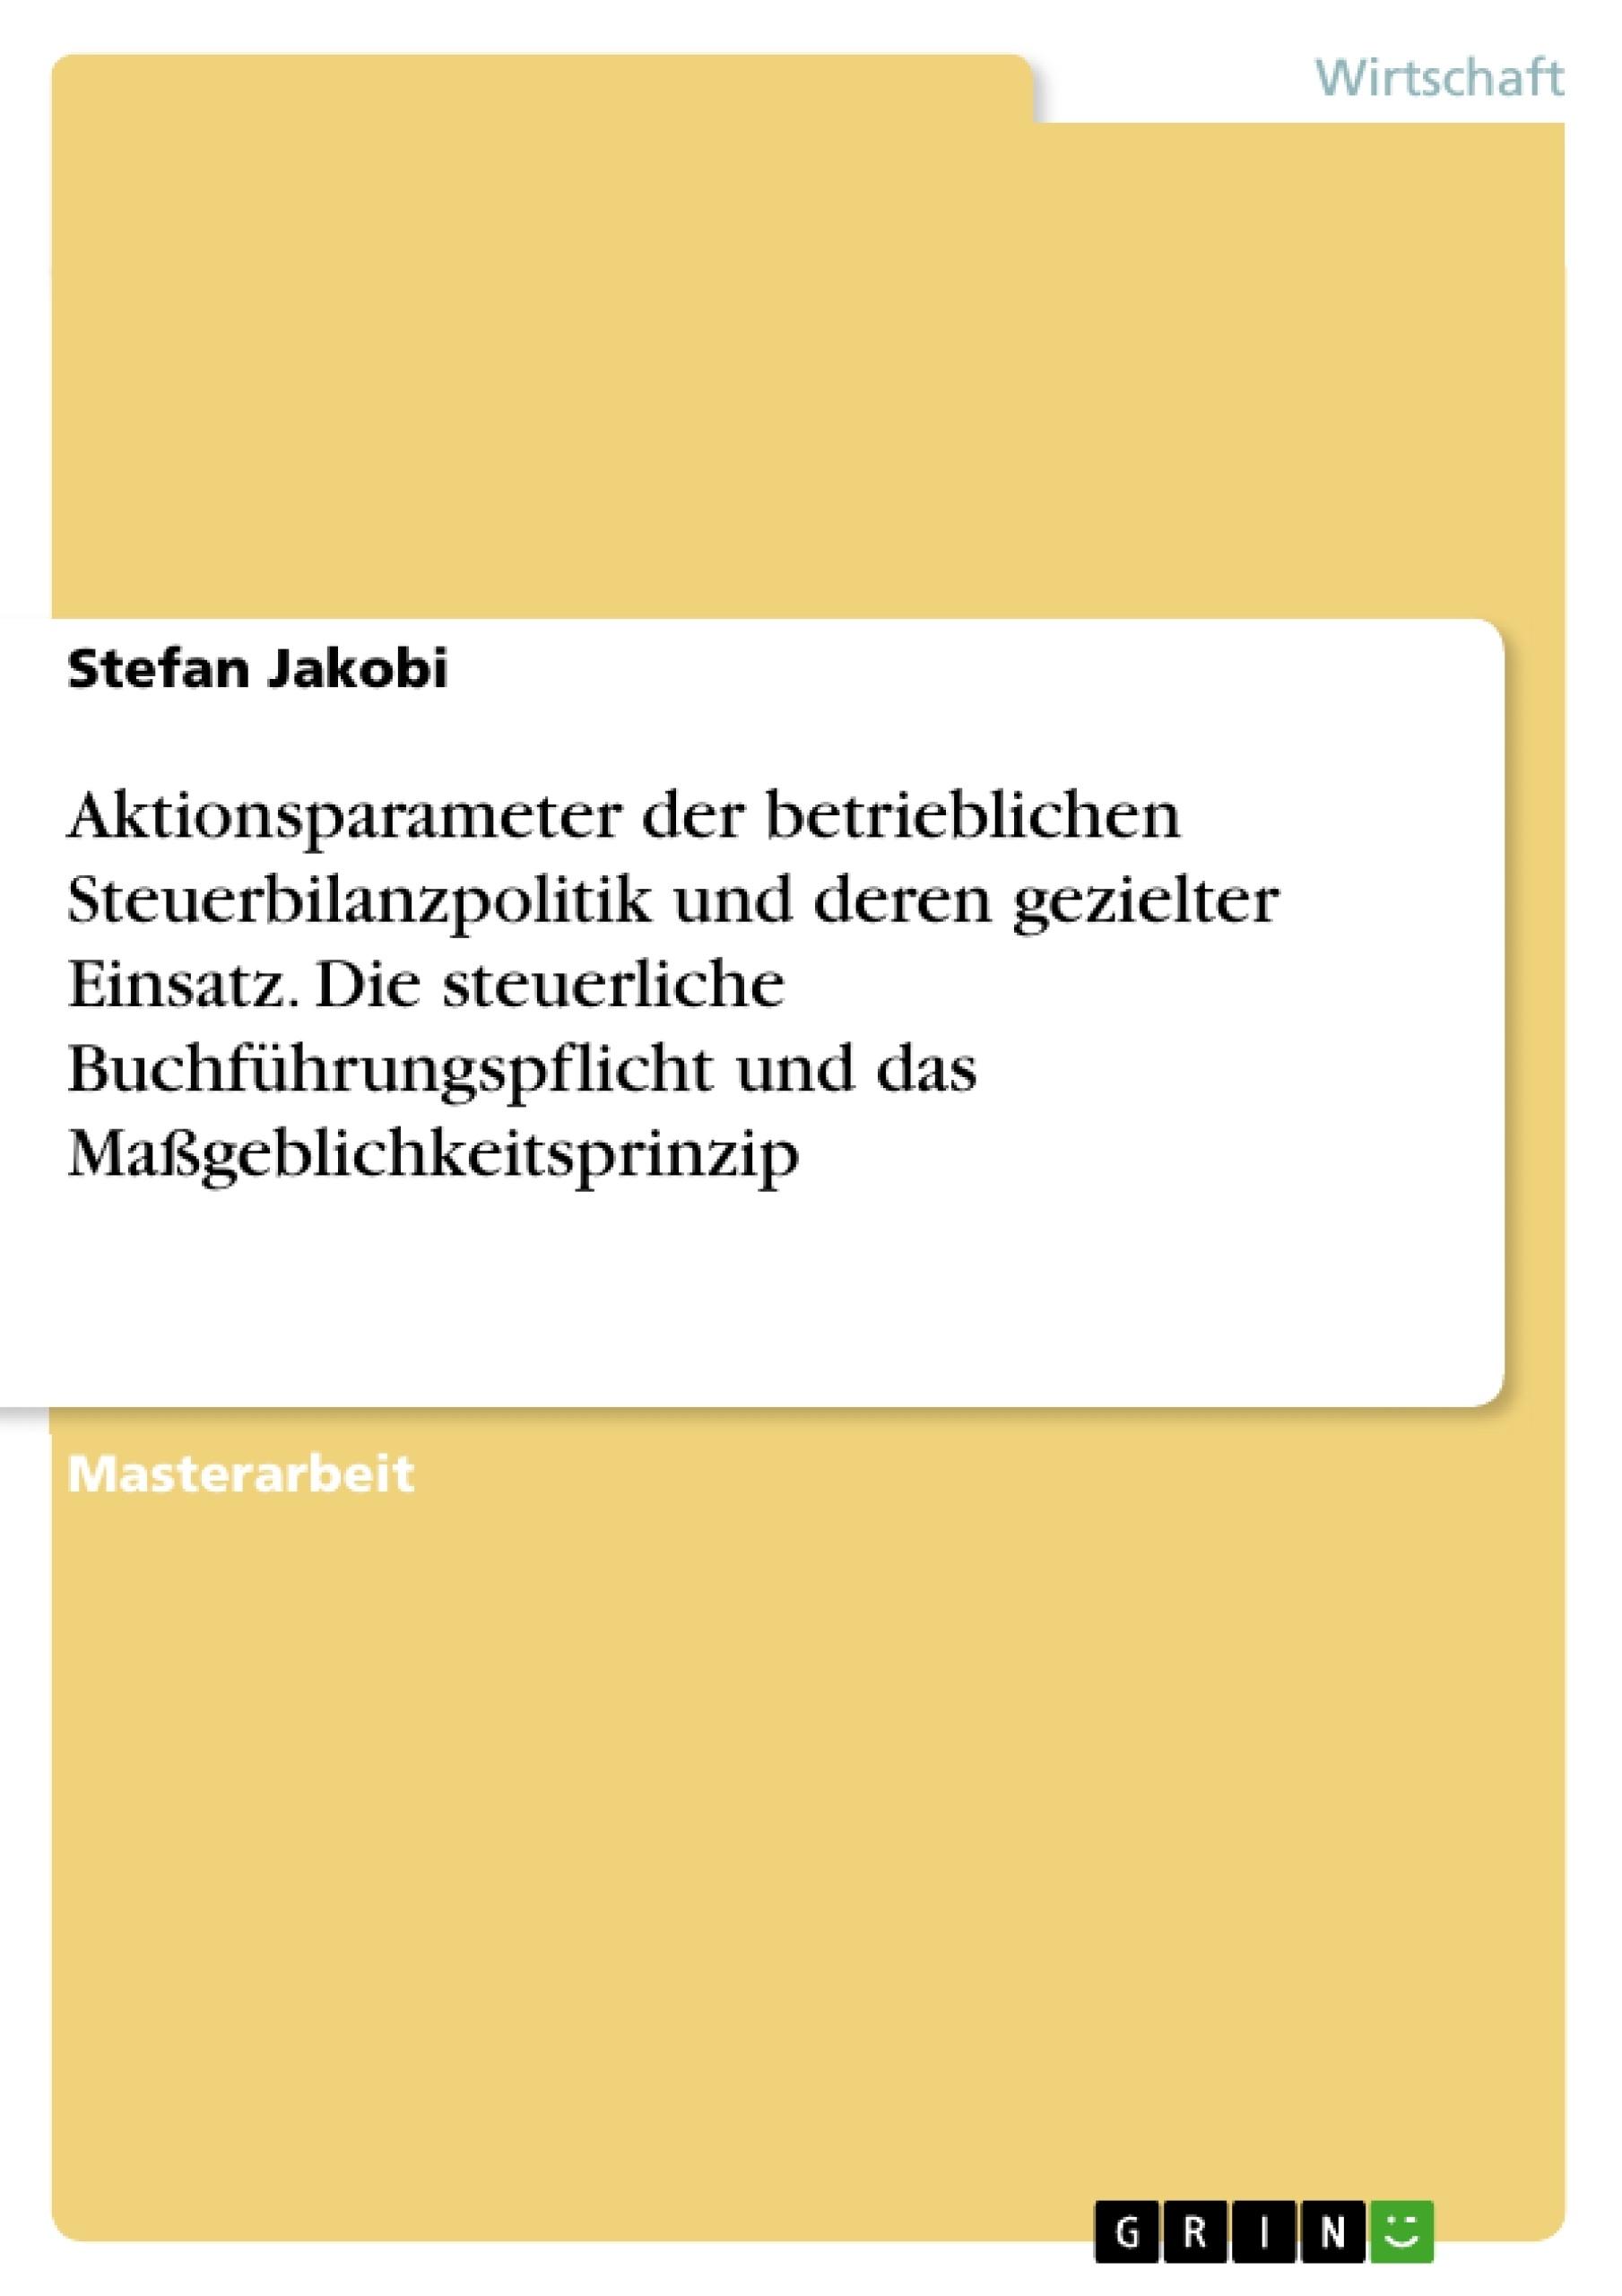 Titel: Aktionsparameter der betrieblichen Steuerbilanzpolitik und deren gezielter Einsatz. Die steuerliche Buchführungspflicht und das Maßgeblichkeitsprinzip